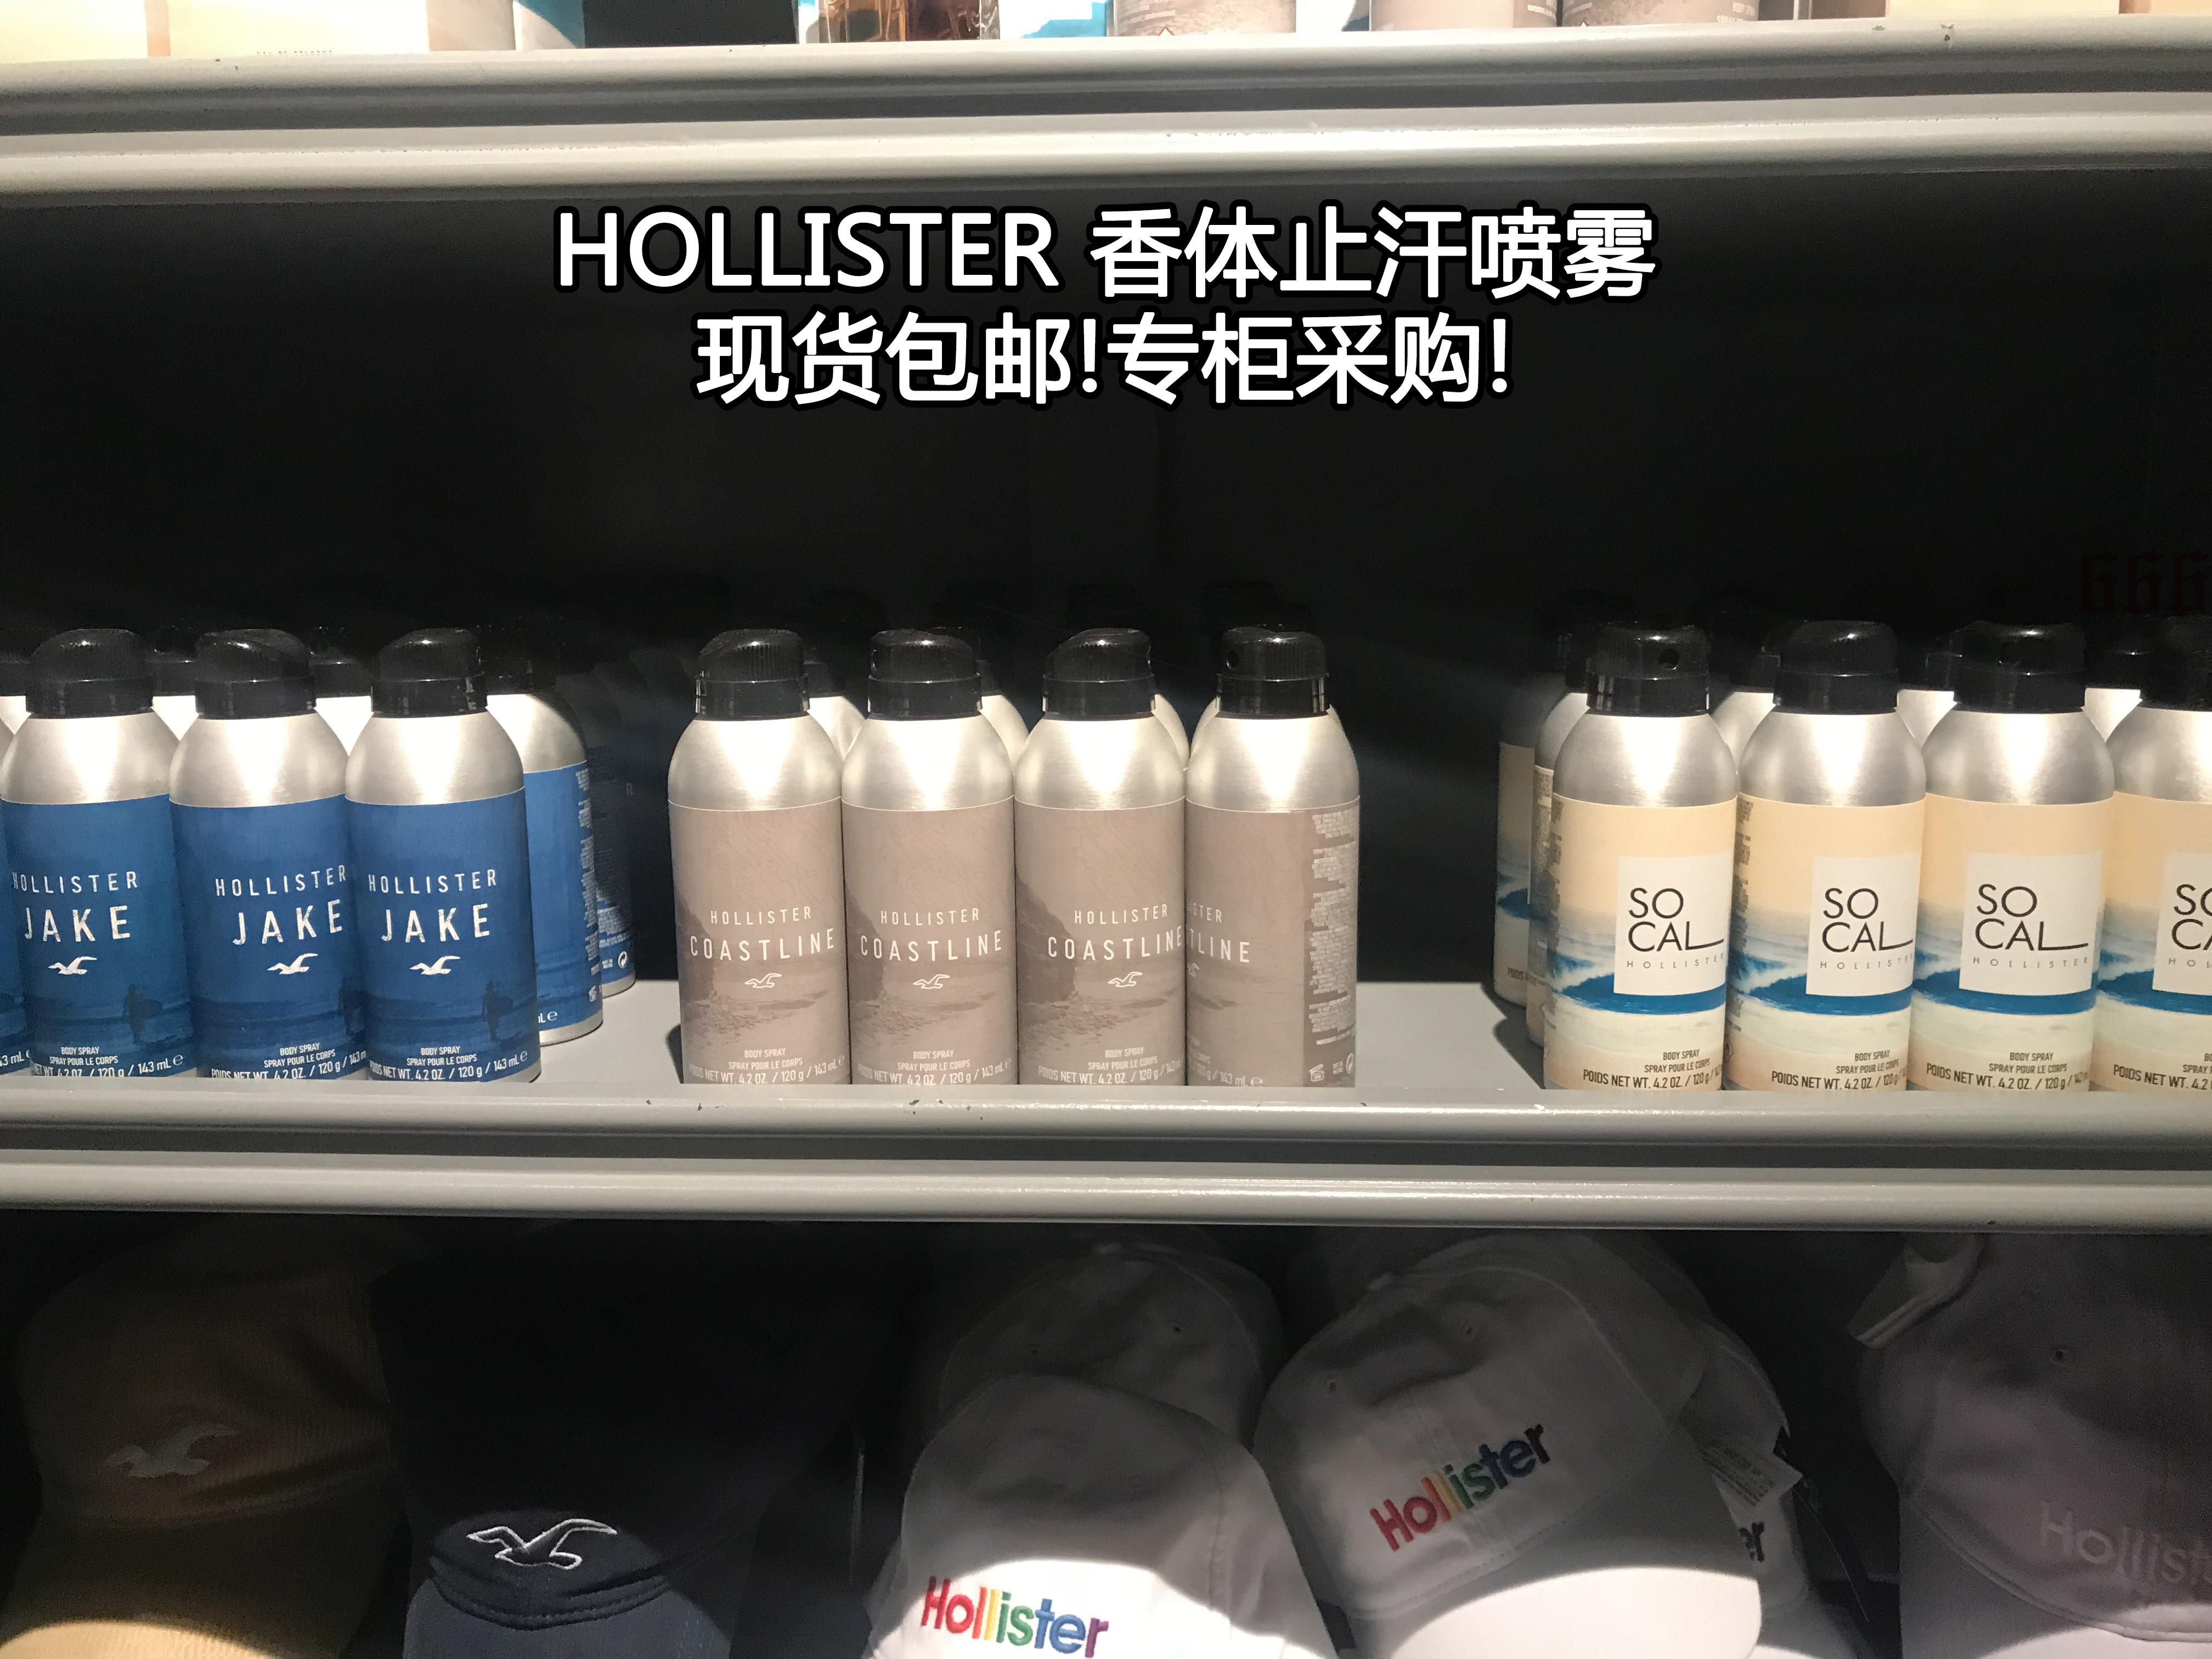 现货 Hollister 霍利斯特 Hco小海鸥AF 男士香水香氛身体止汗喷雾